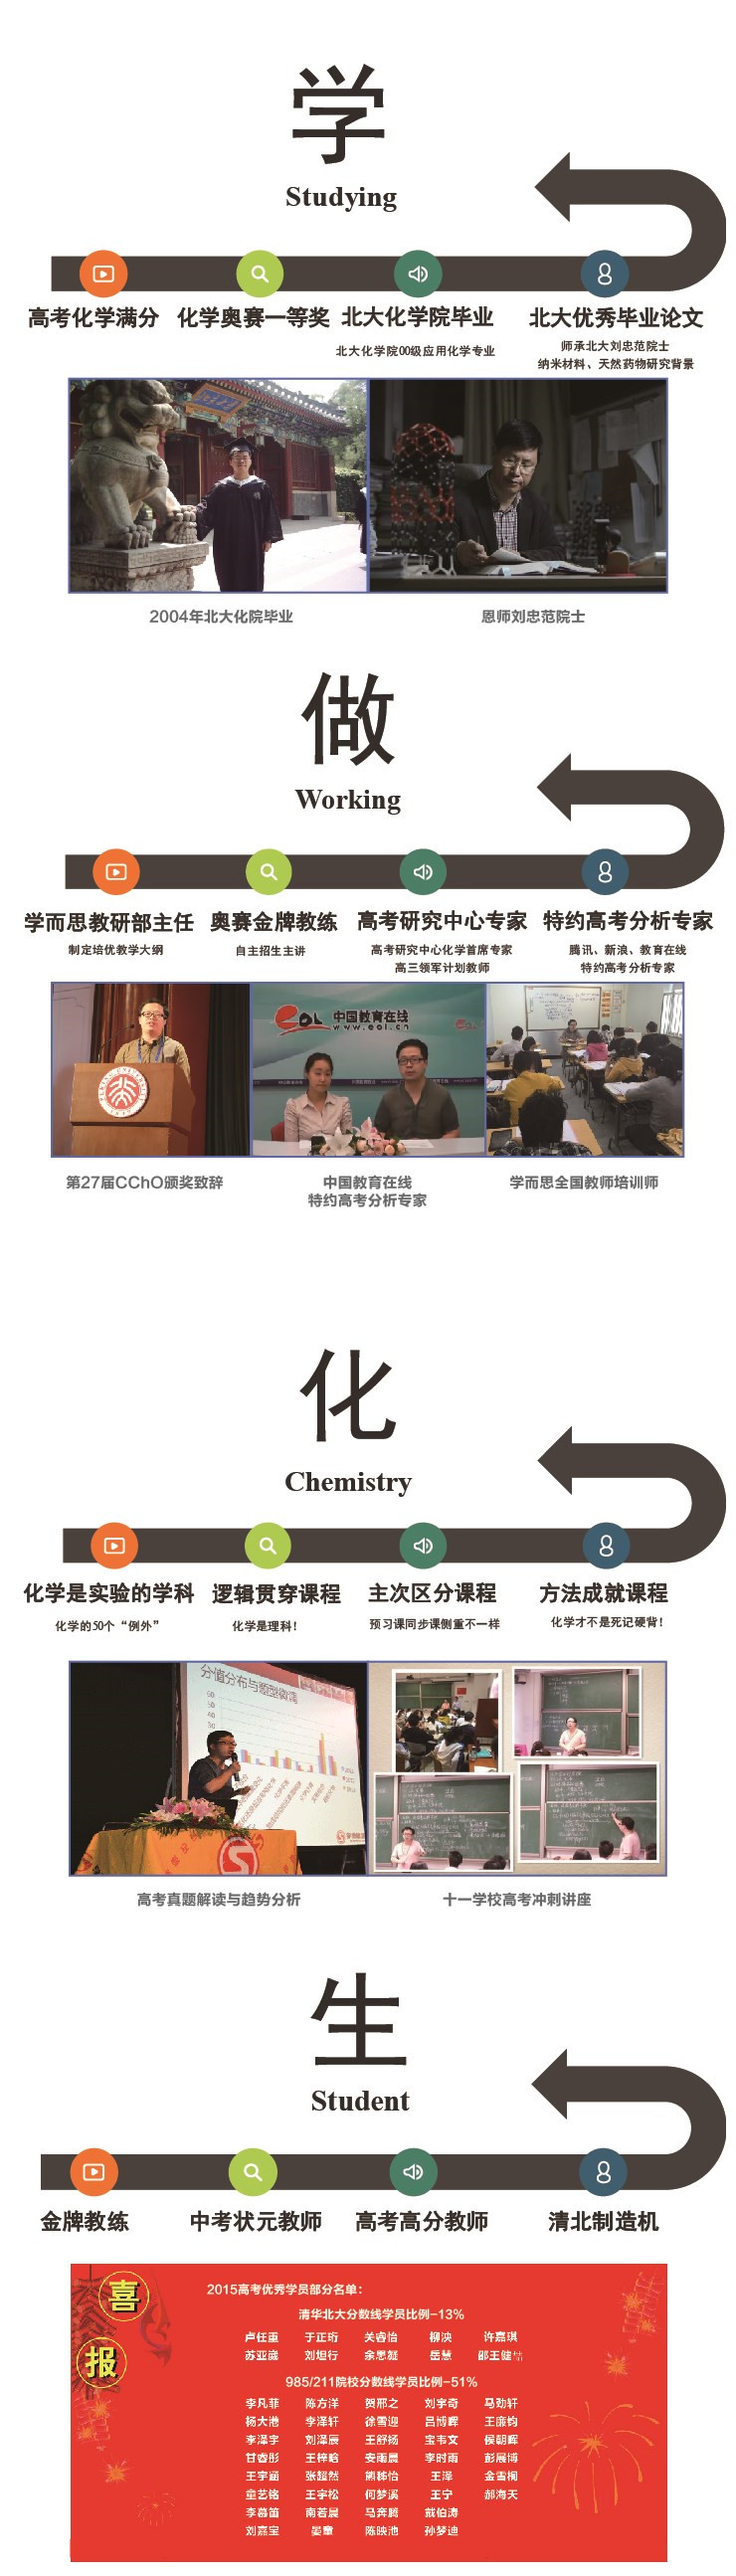 学ES网校-高中化学-清北名师-郑瑞老师简介